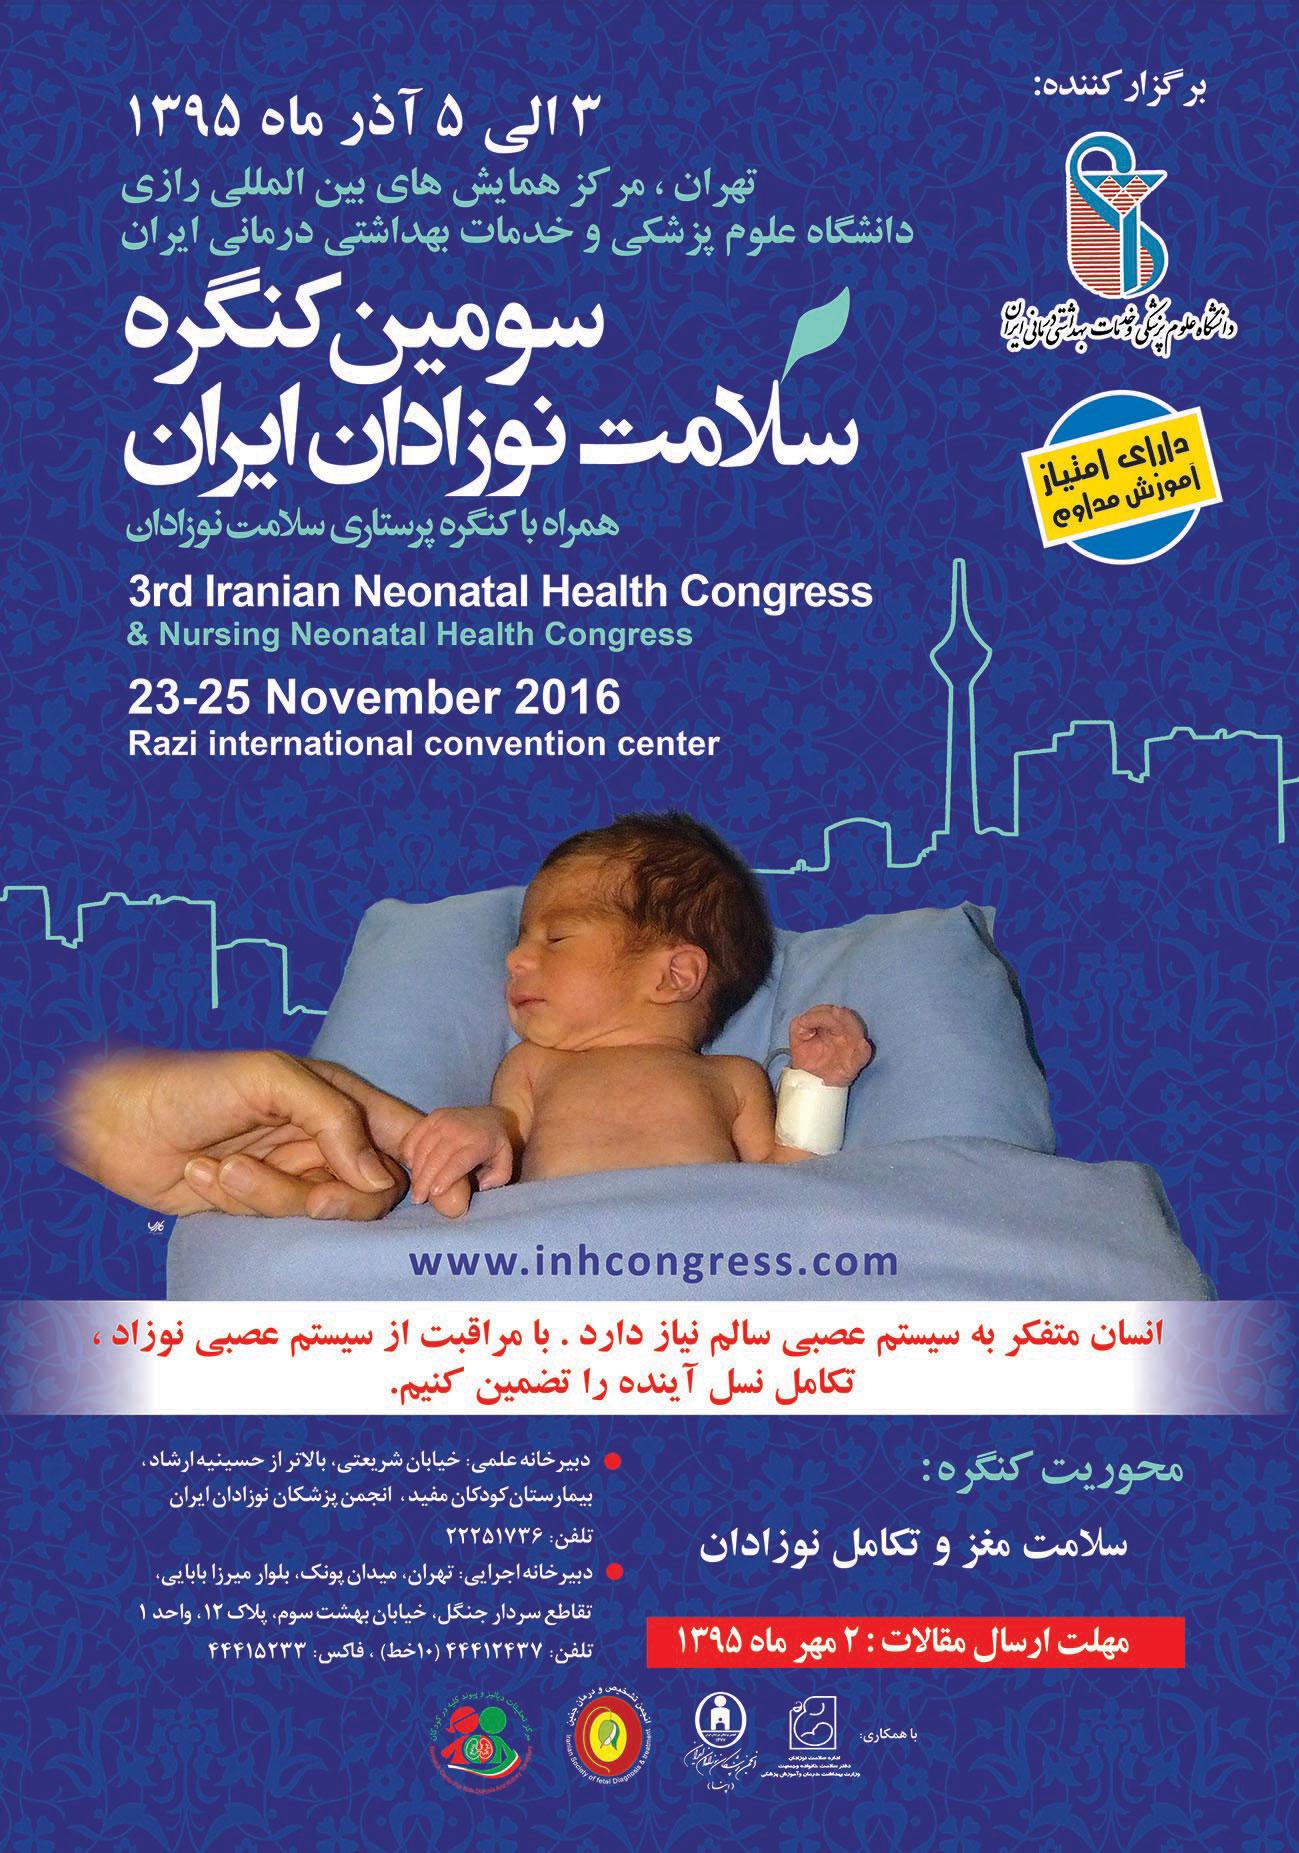 سومین کنگره سلامت نوزادان ایران